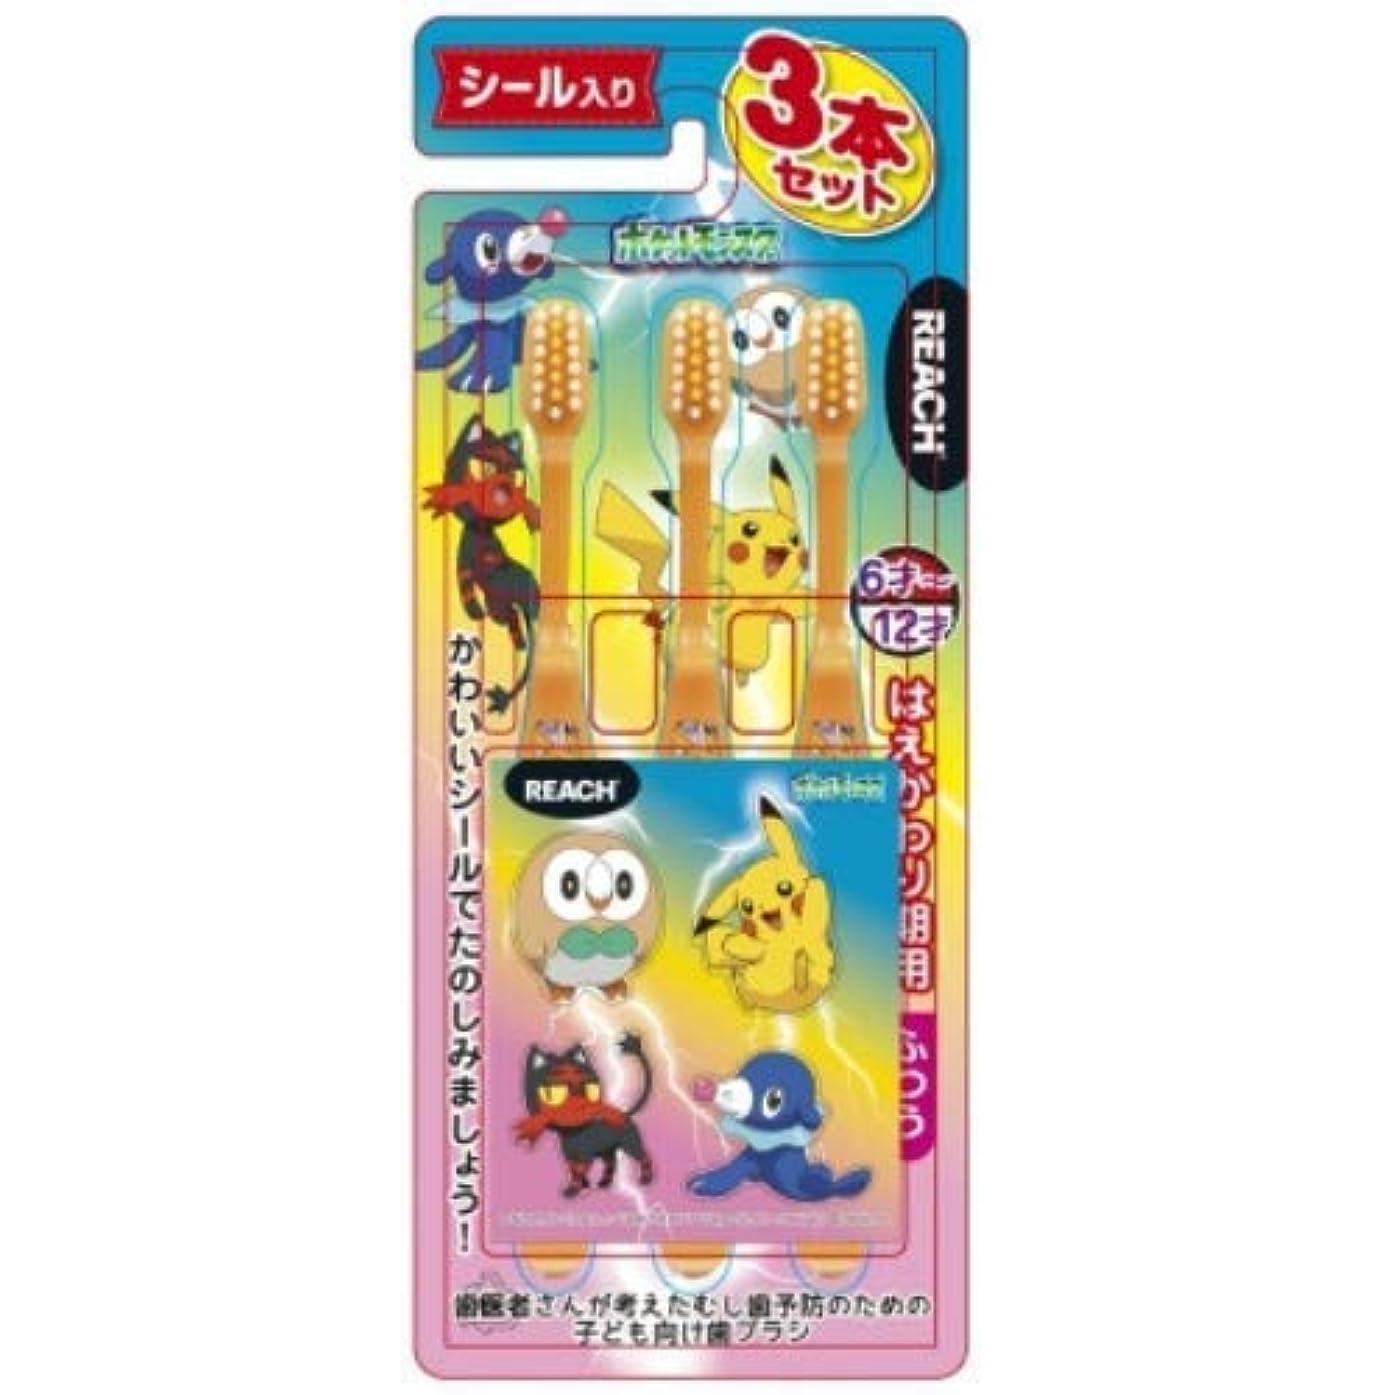 呪い平衡カセットリーチキッズ3本(シール入) ポケモン はえかわり期用 ×7個セット